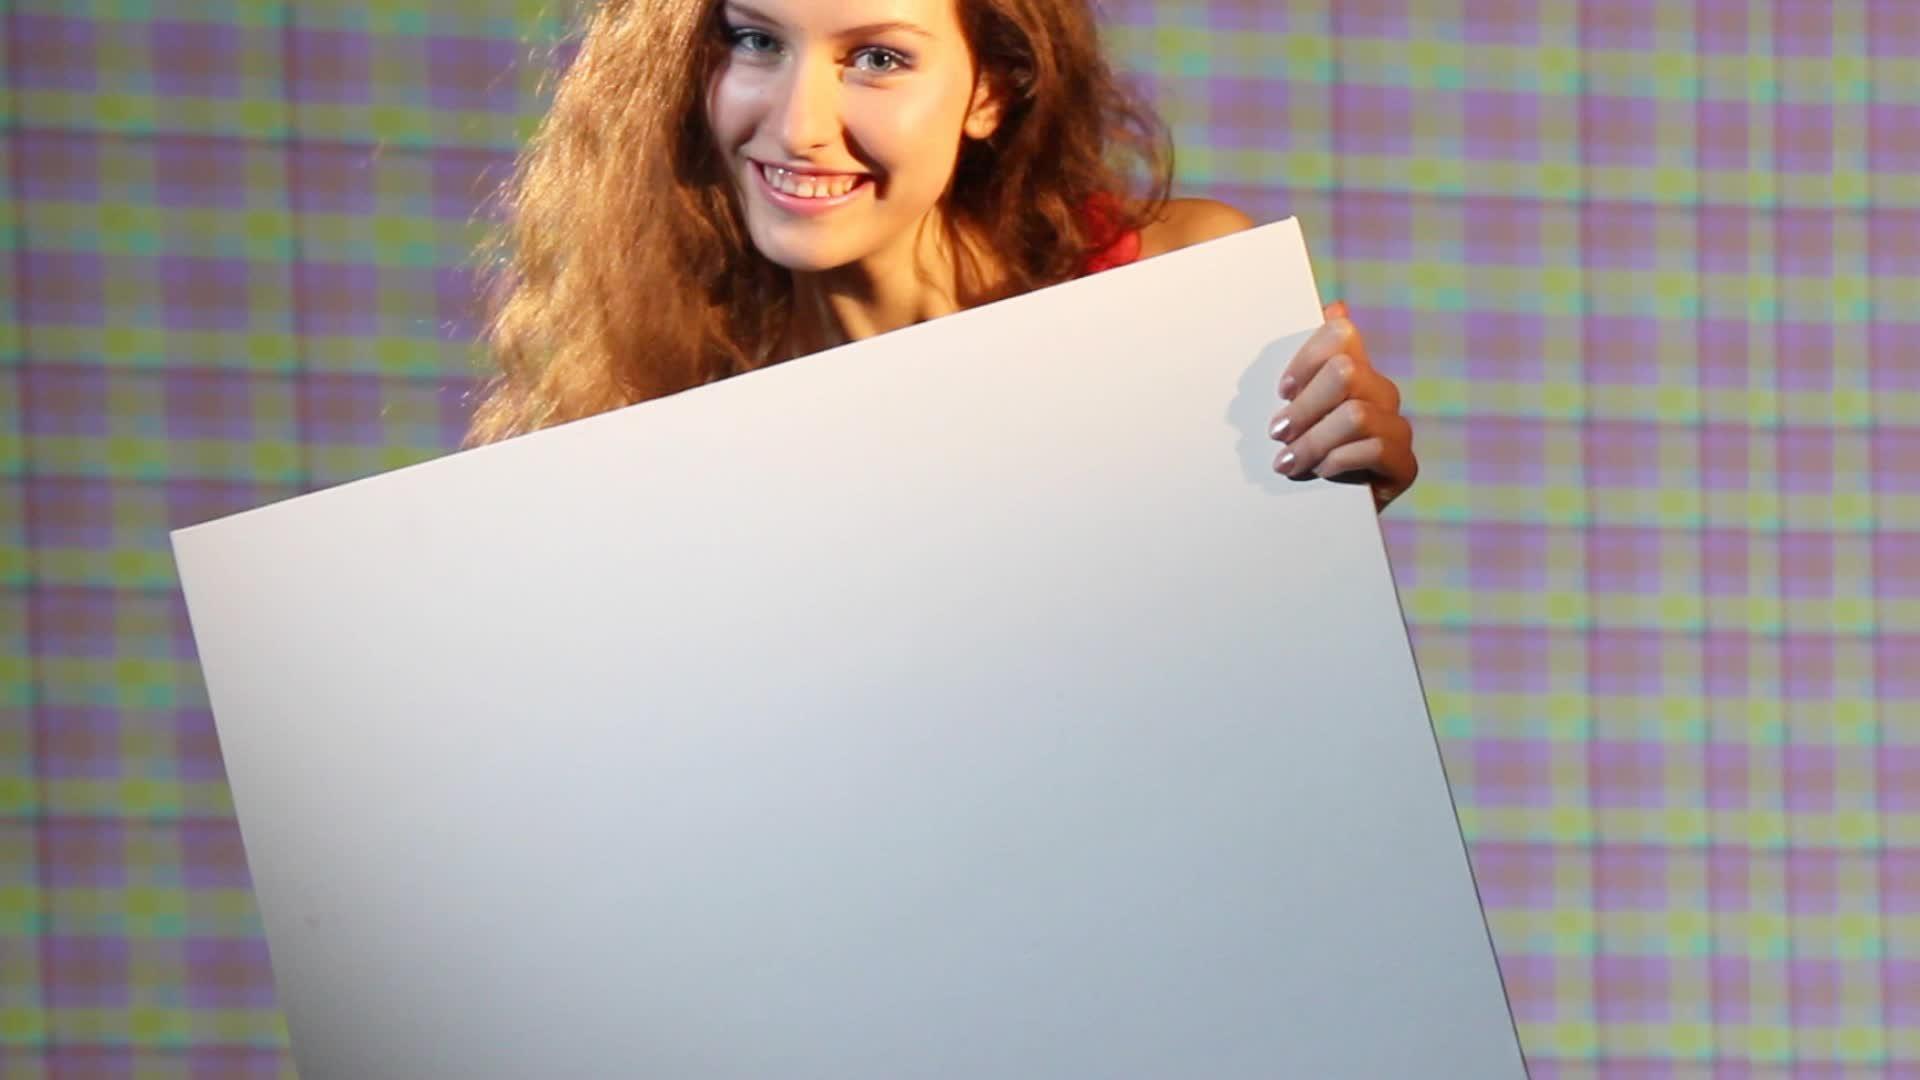 фото как девушка держит слова дин людовик был